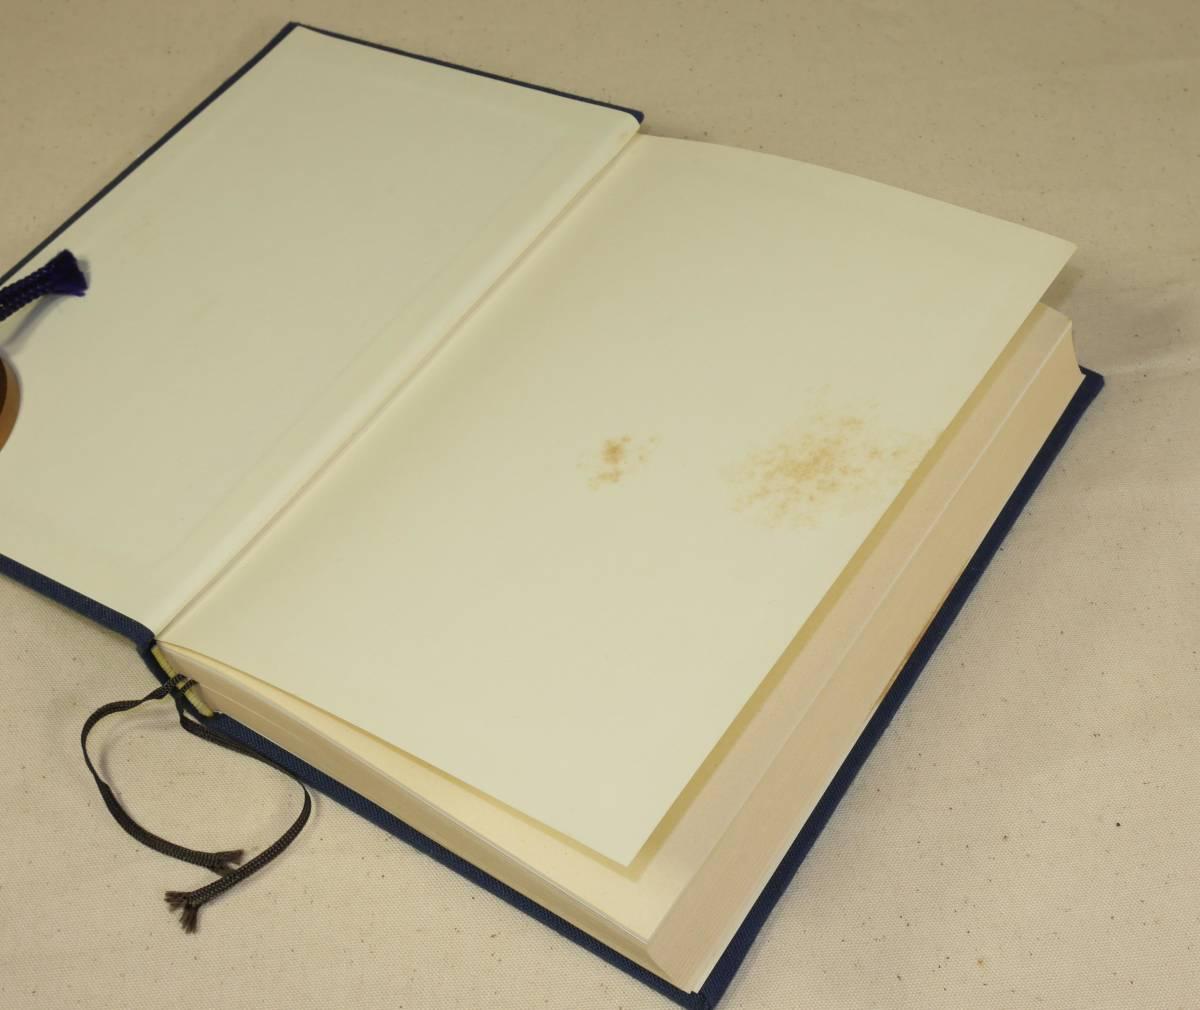 画像10 裏表紙を開けた頁の汚れ